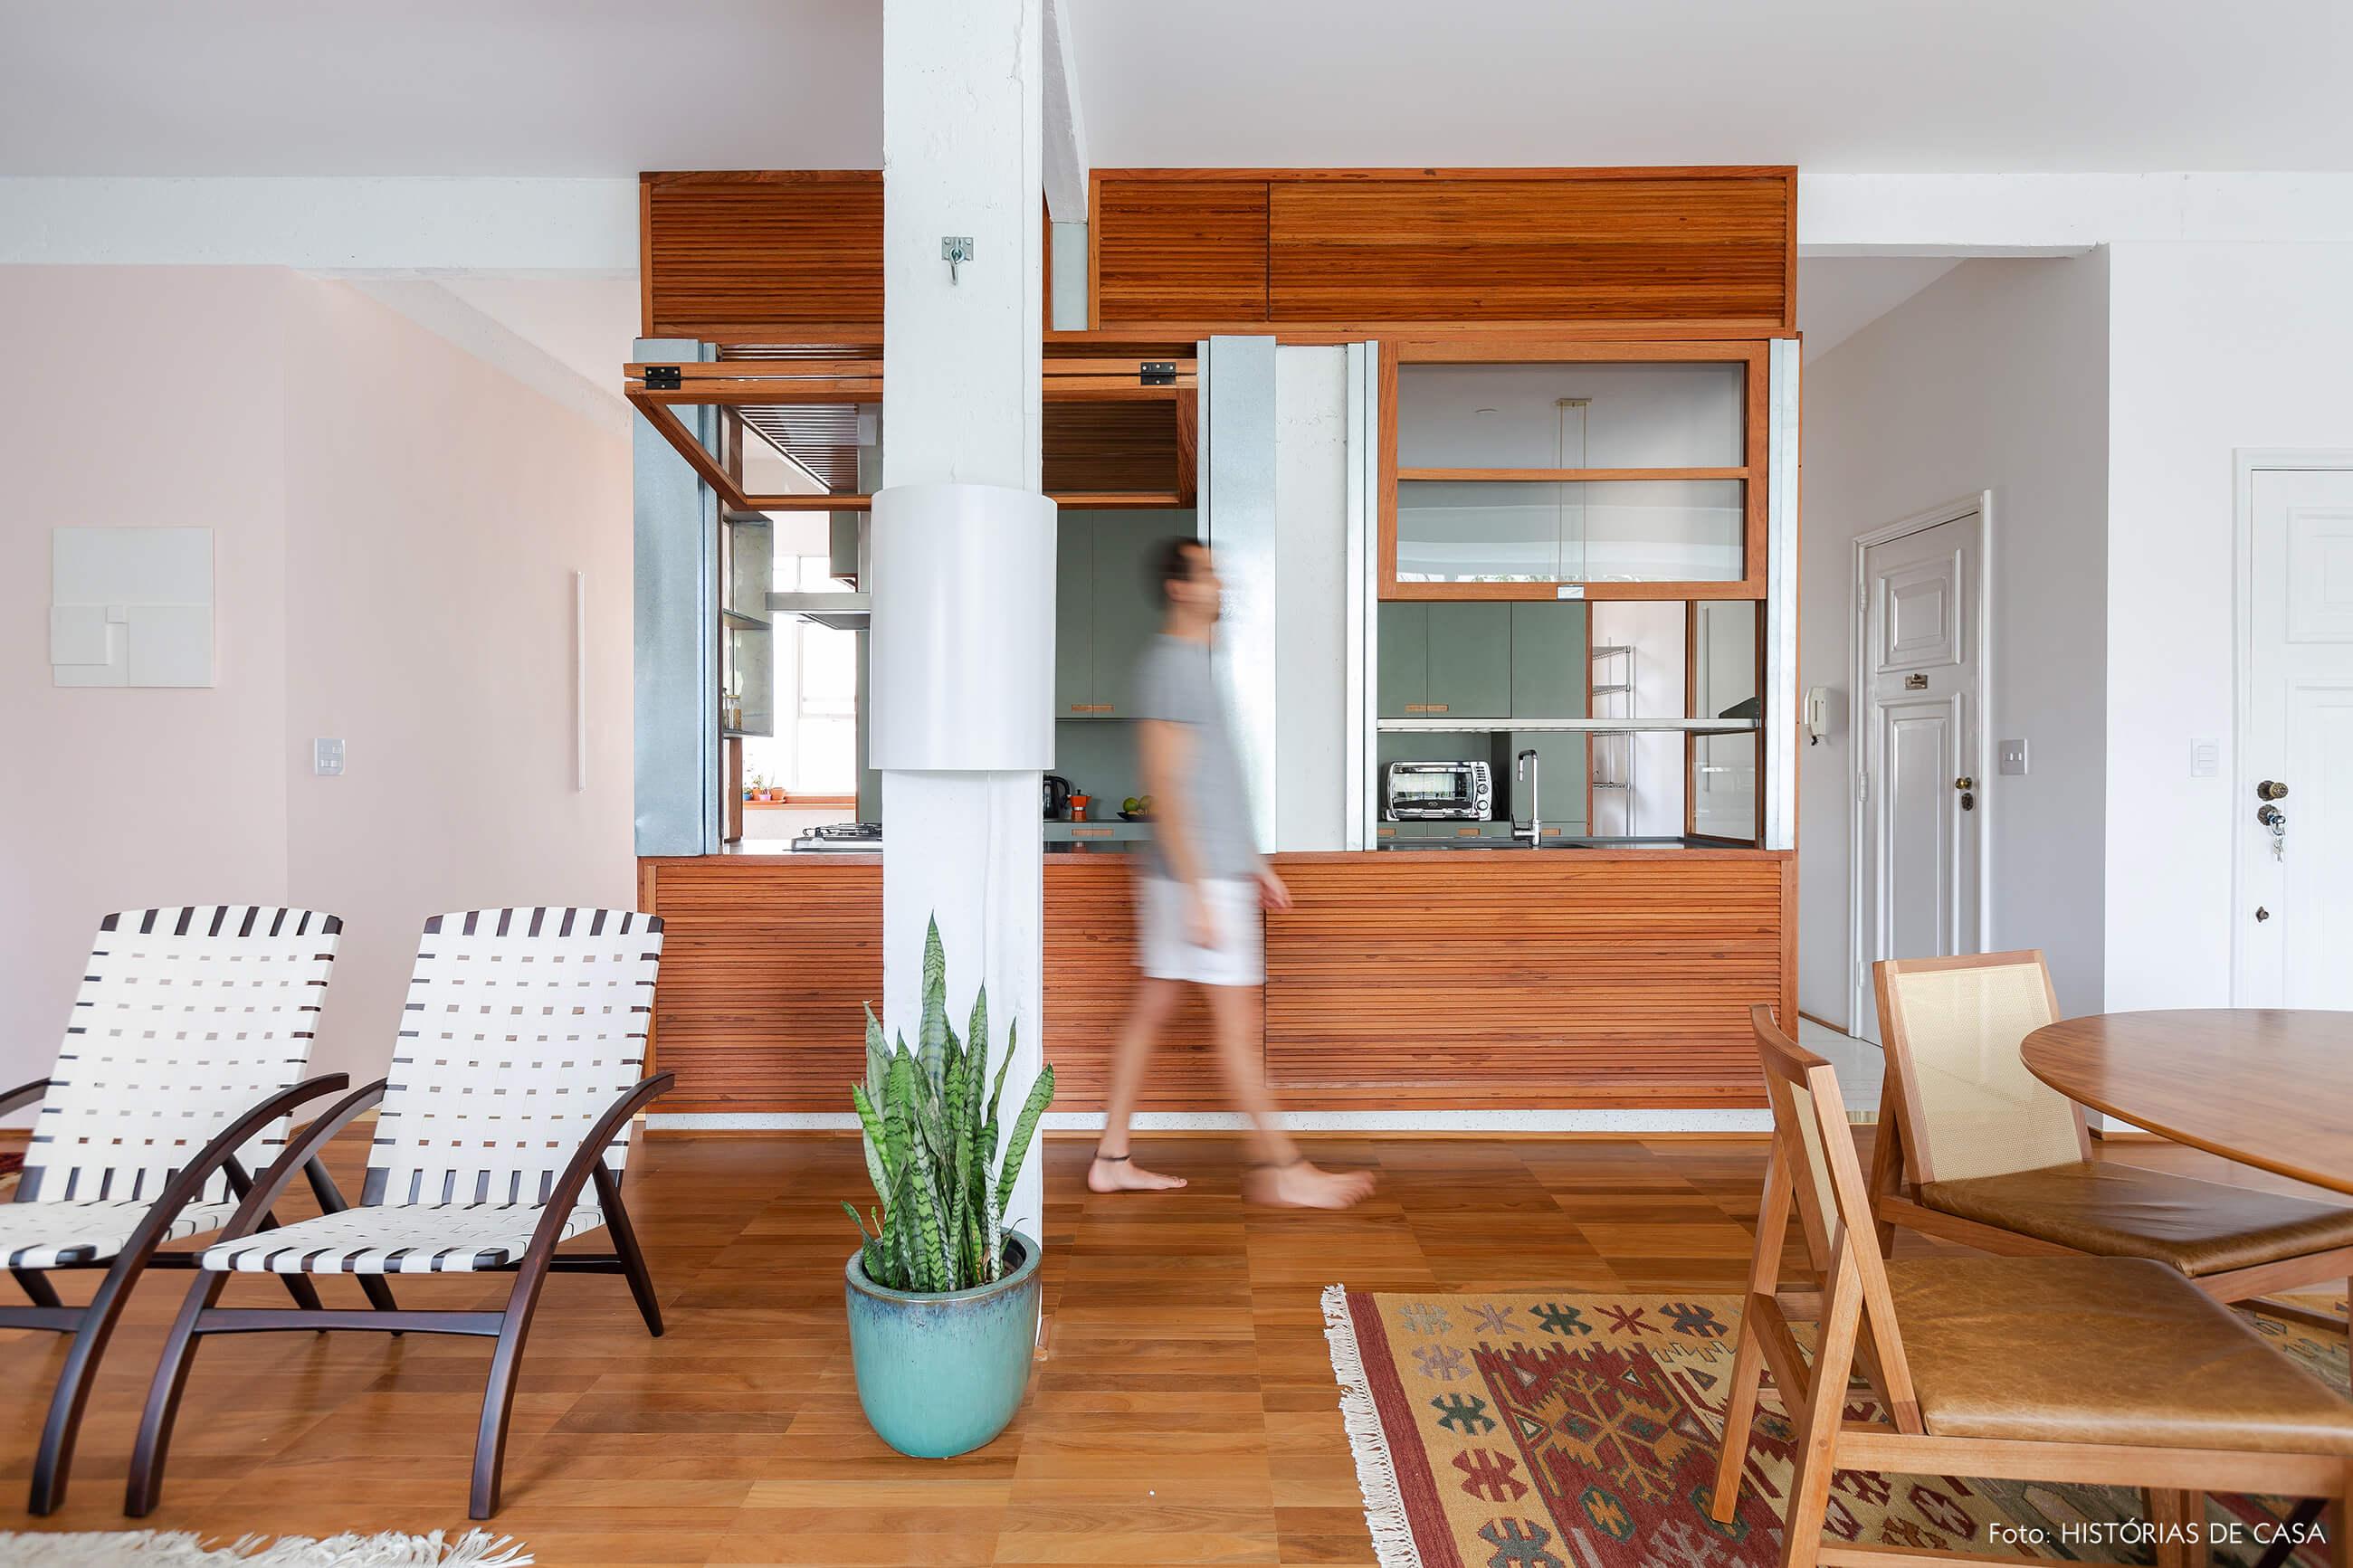 Apartamento reformado com cozinha integrada e estrutura de madeira